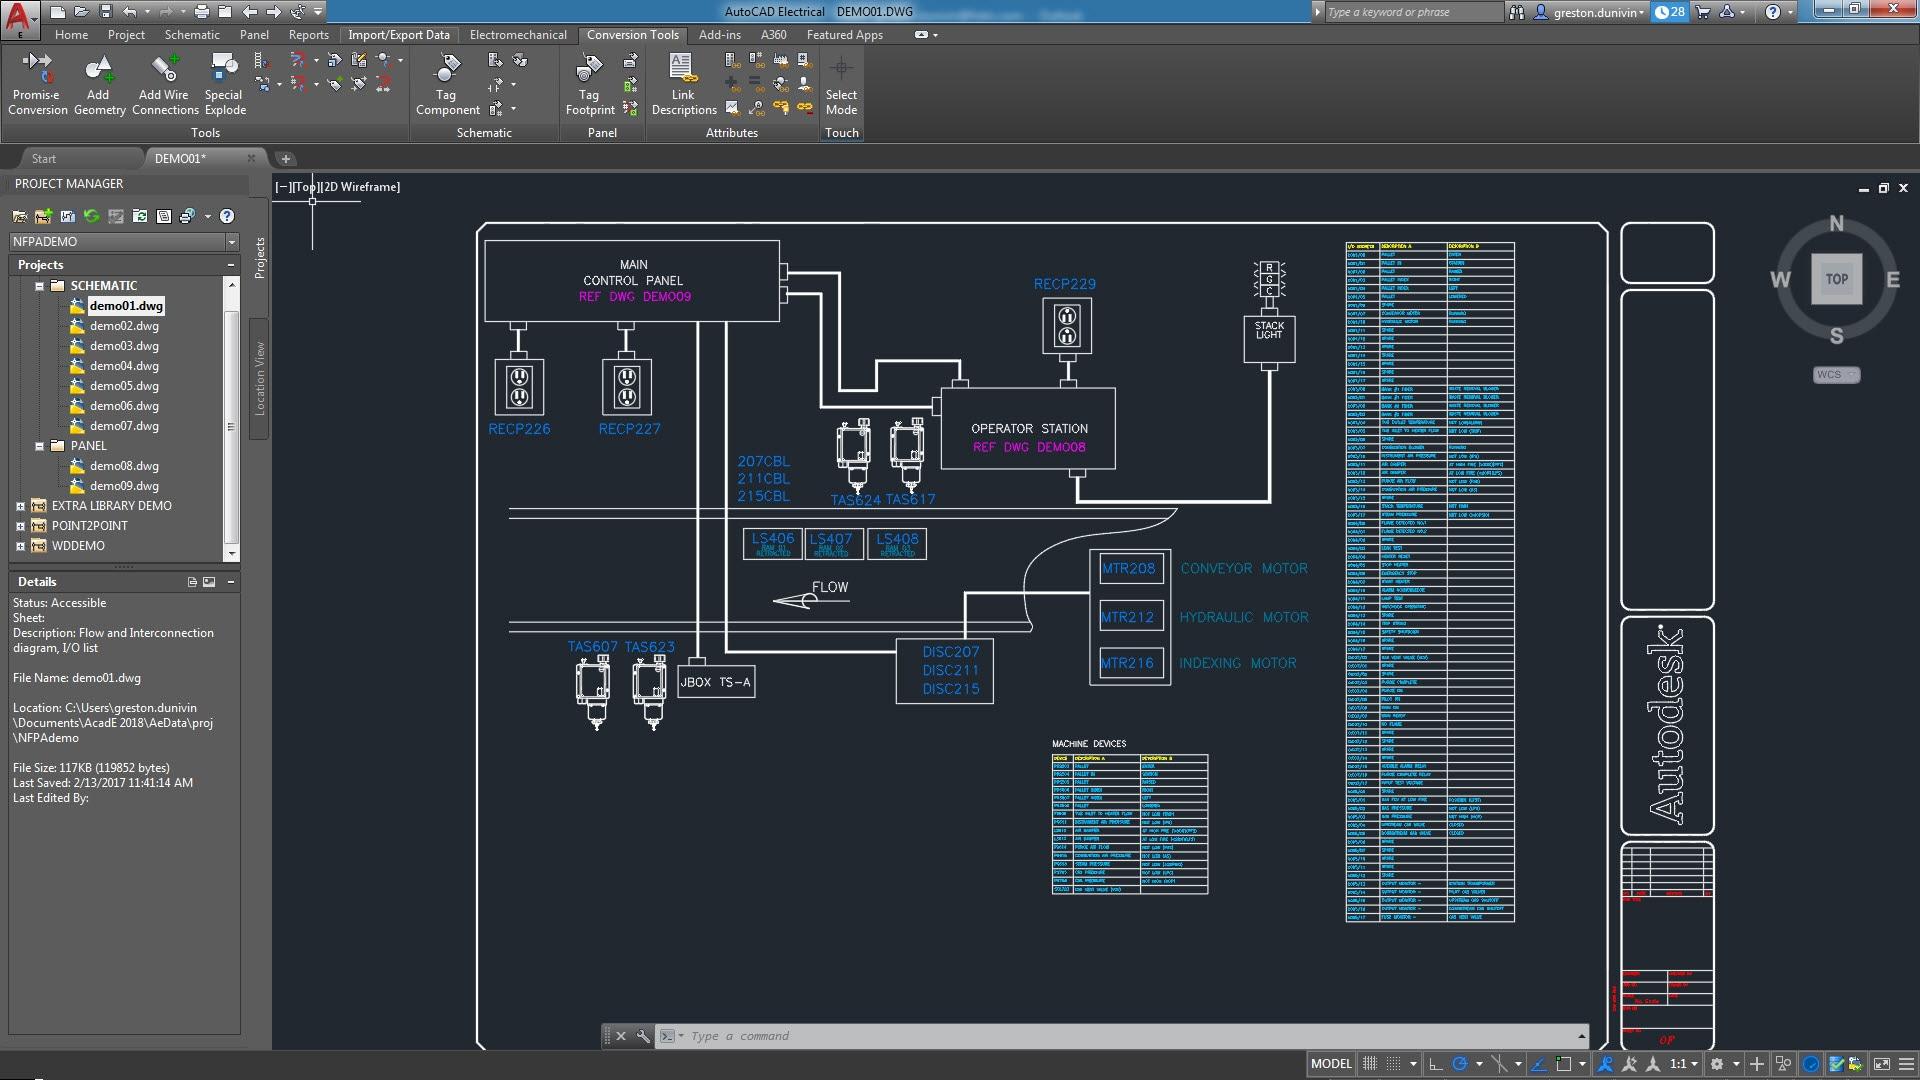 Jeu d outils    AutoCAD    Electrical   Logiciel de conception